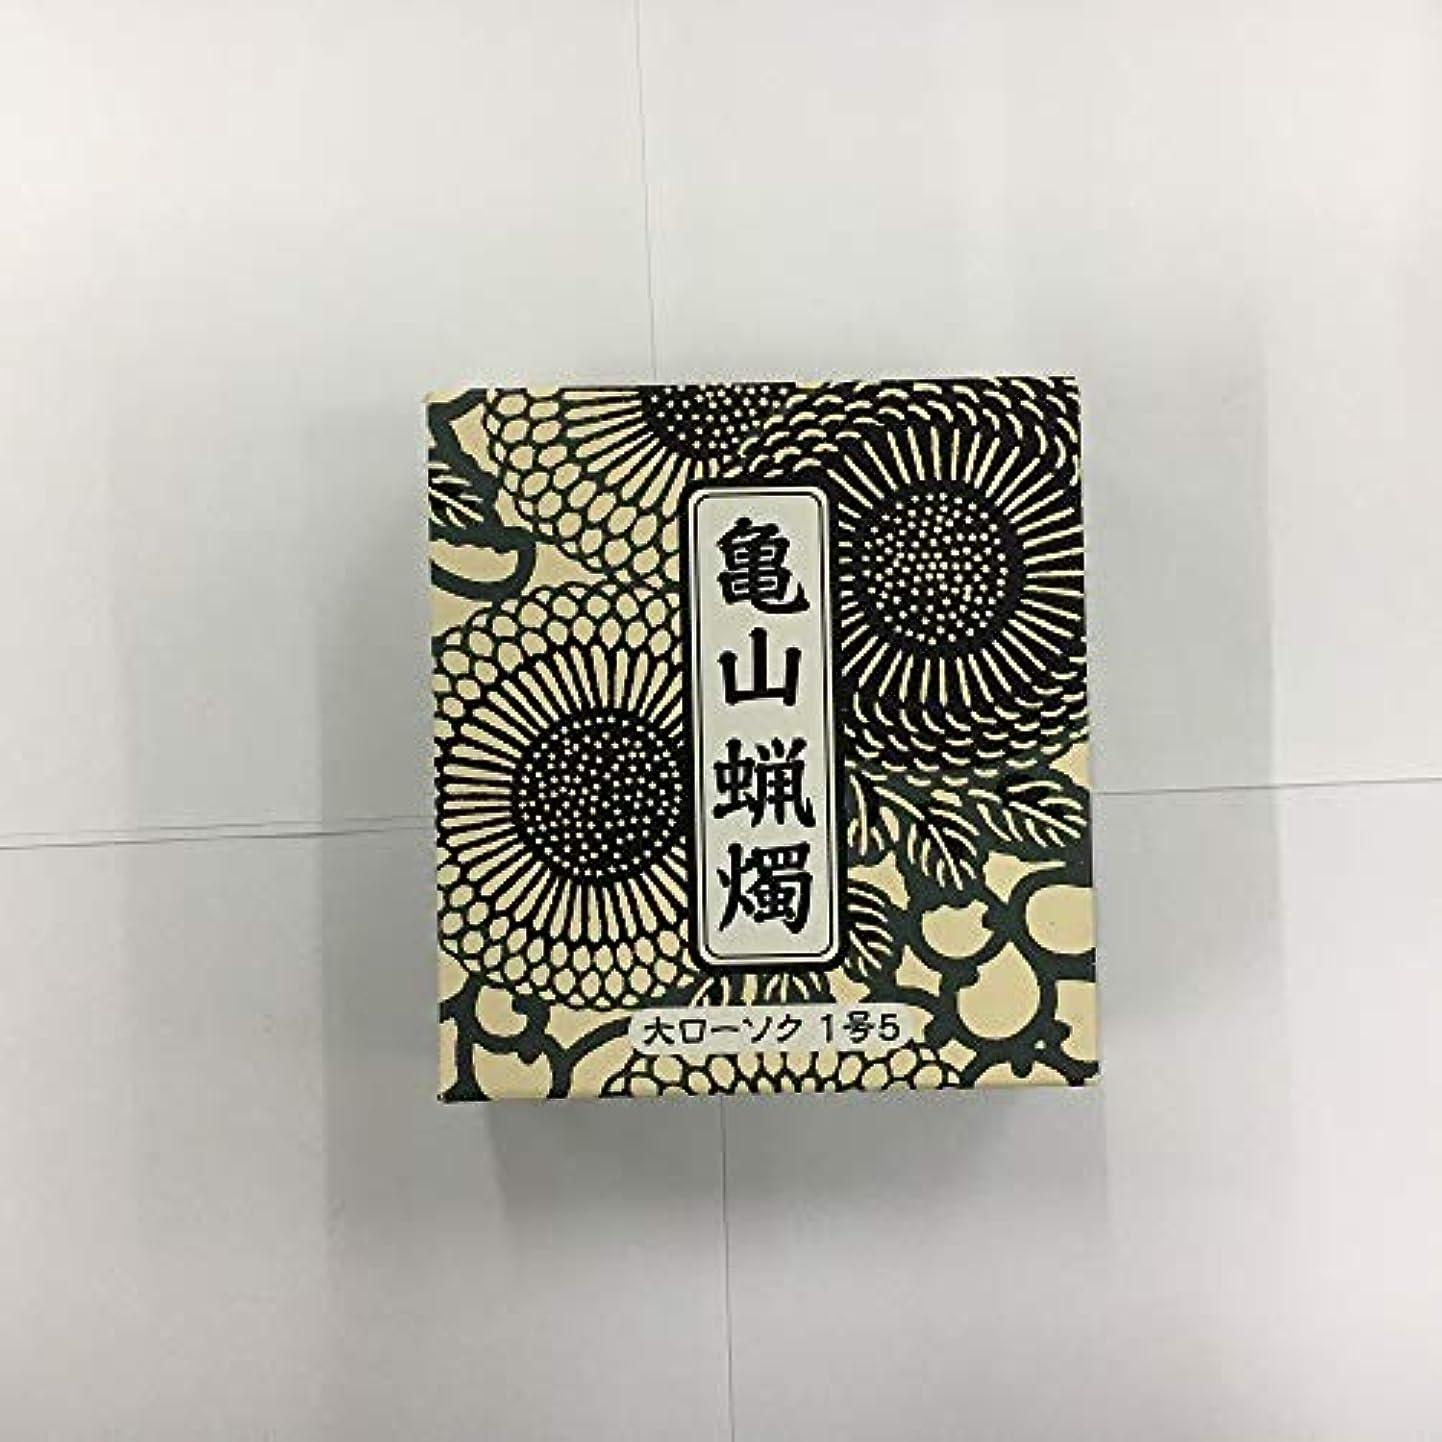 再生的飾り羽簿記係カメヤマ大ローソク 1号5A#202 225g